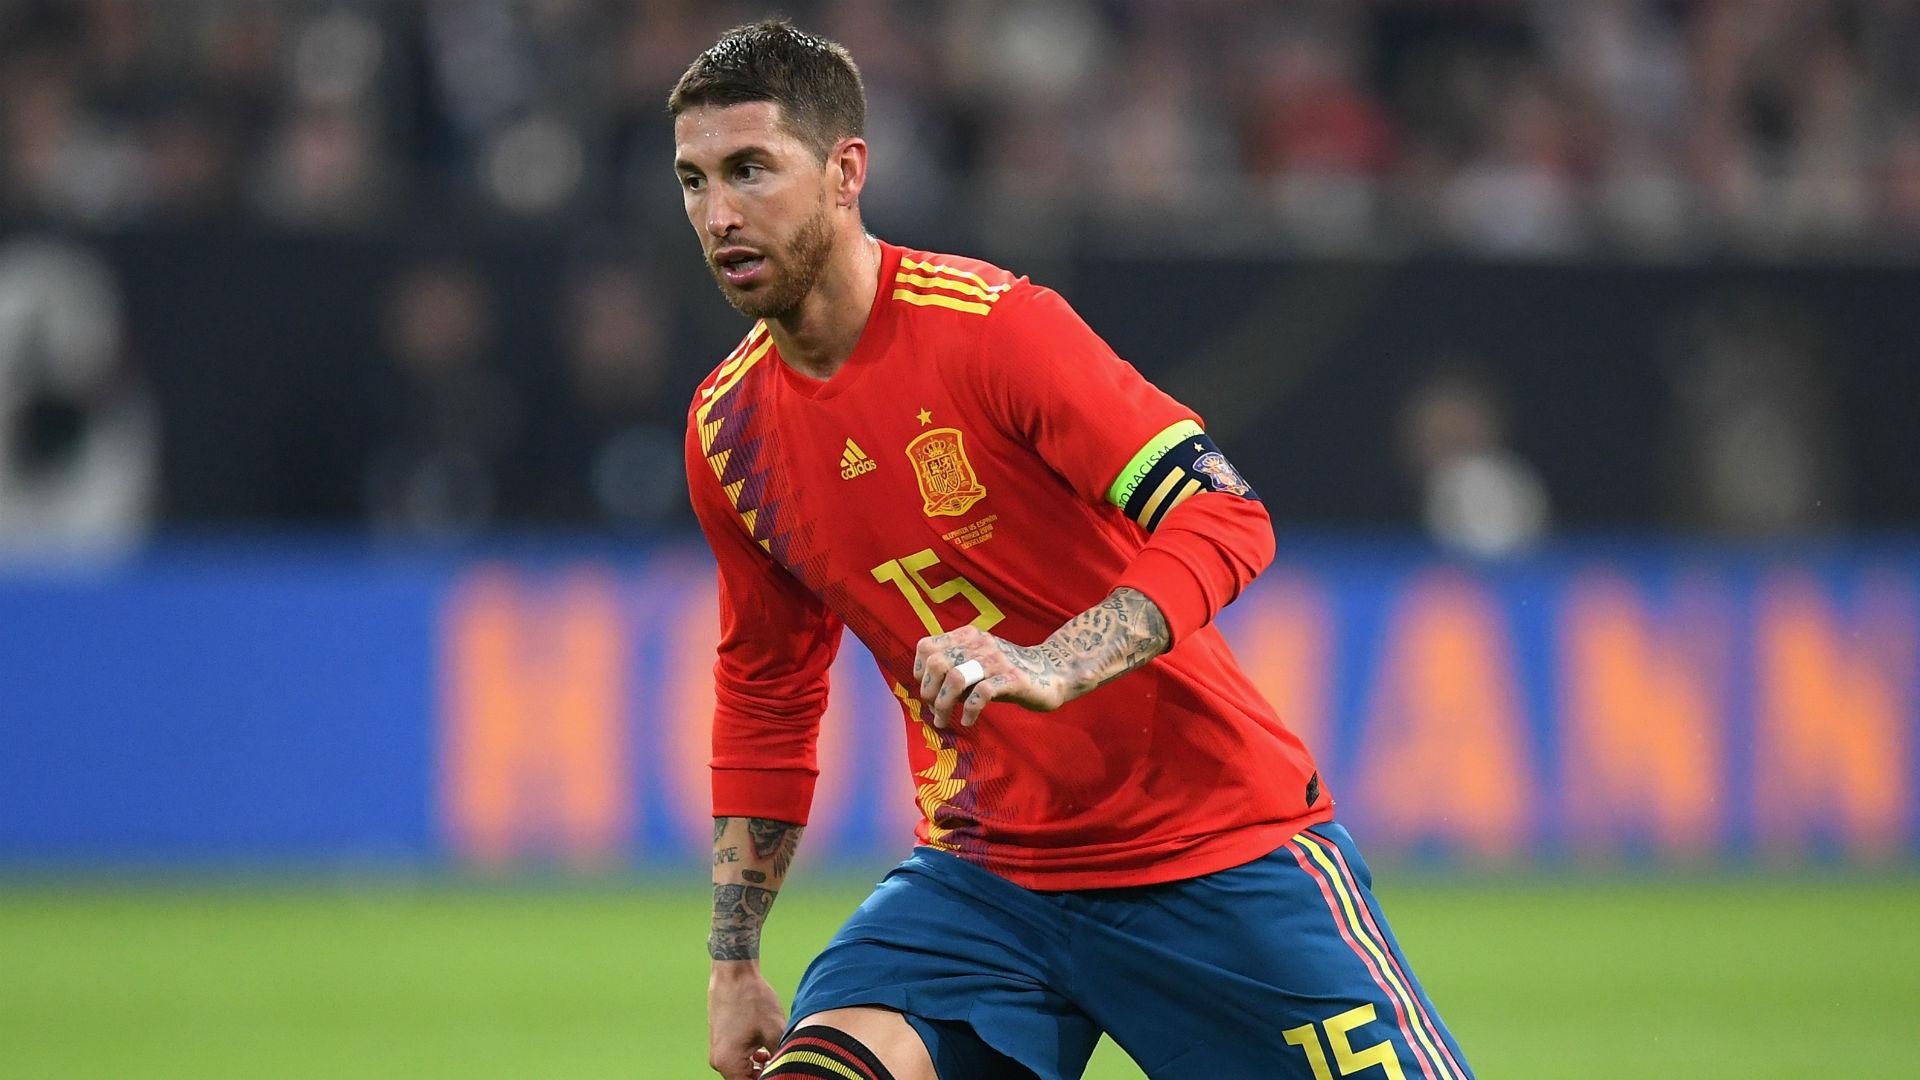 Ramos chỉ là một trung vệ đơn thuần ở ĐT Tây Ban Nha tại các giải đấu lớn